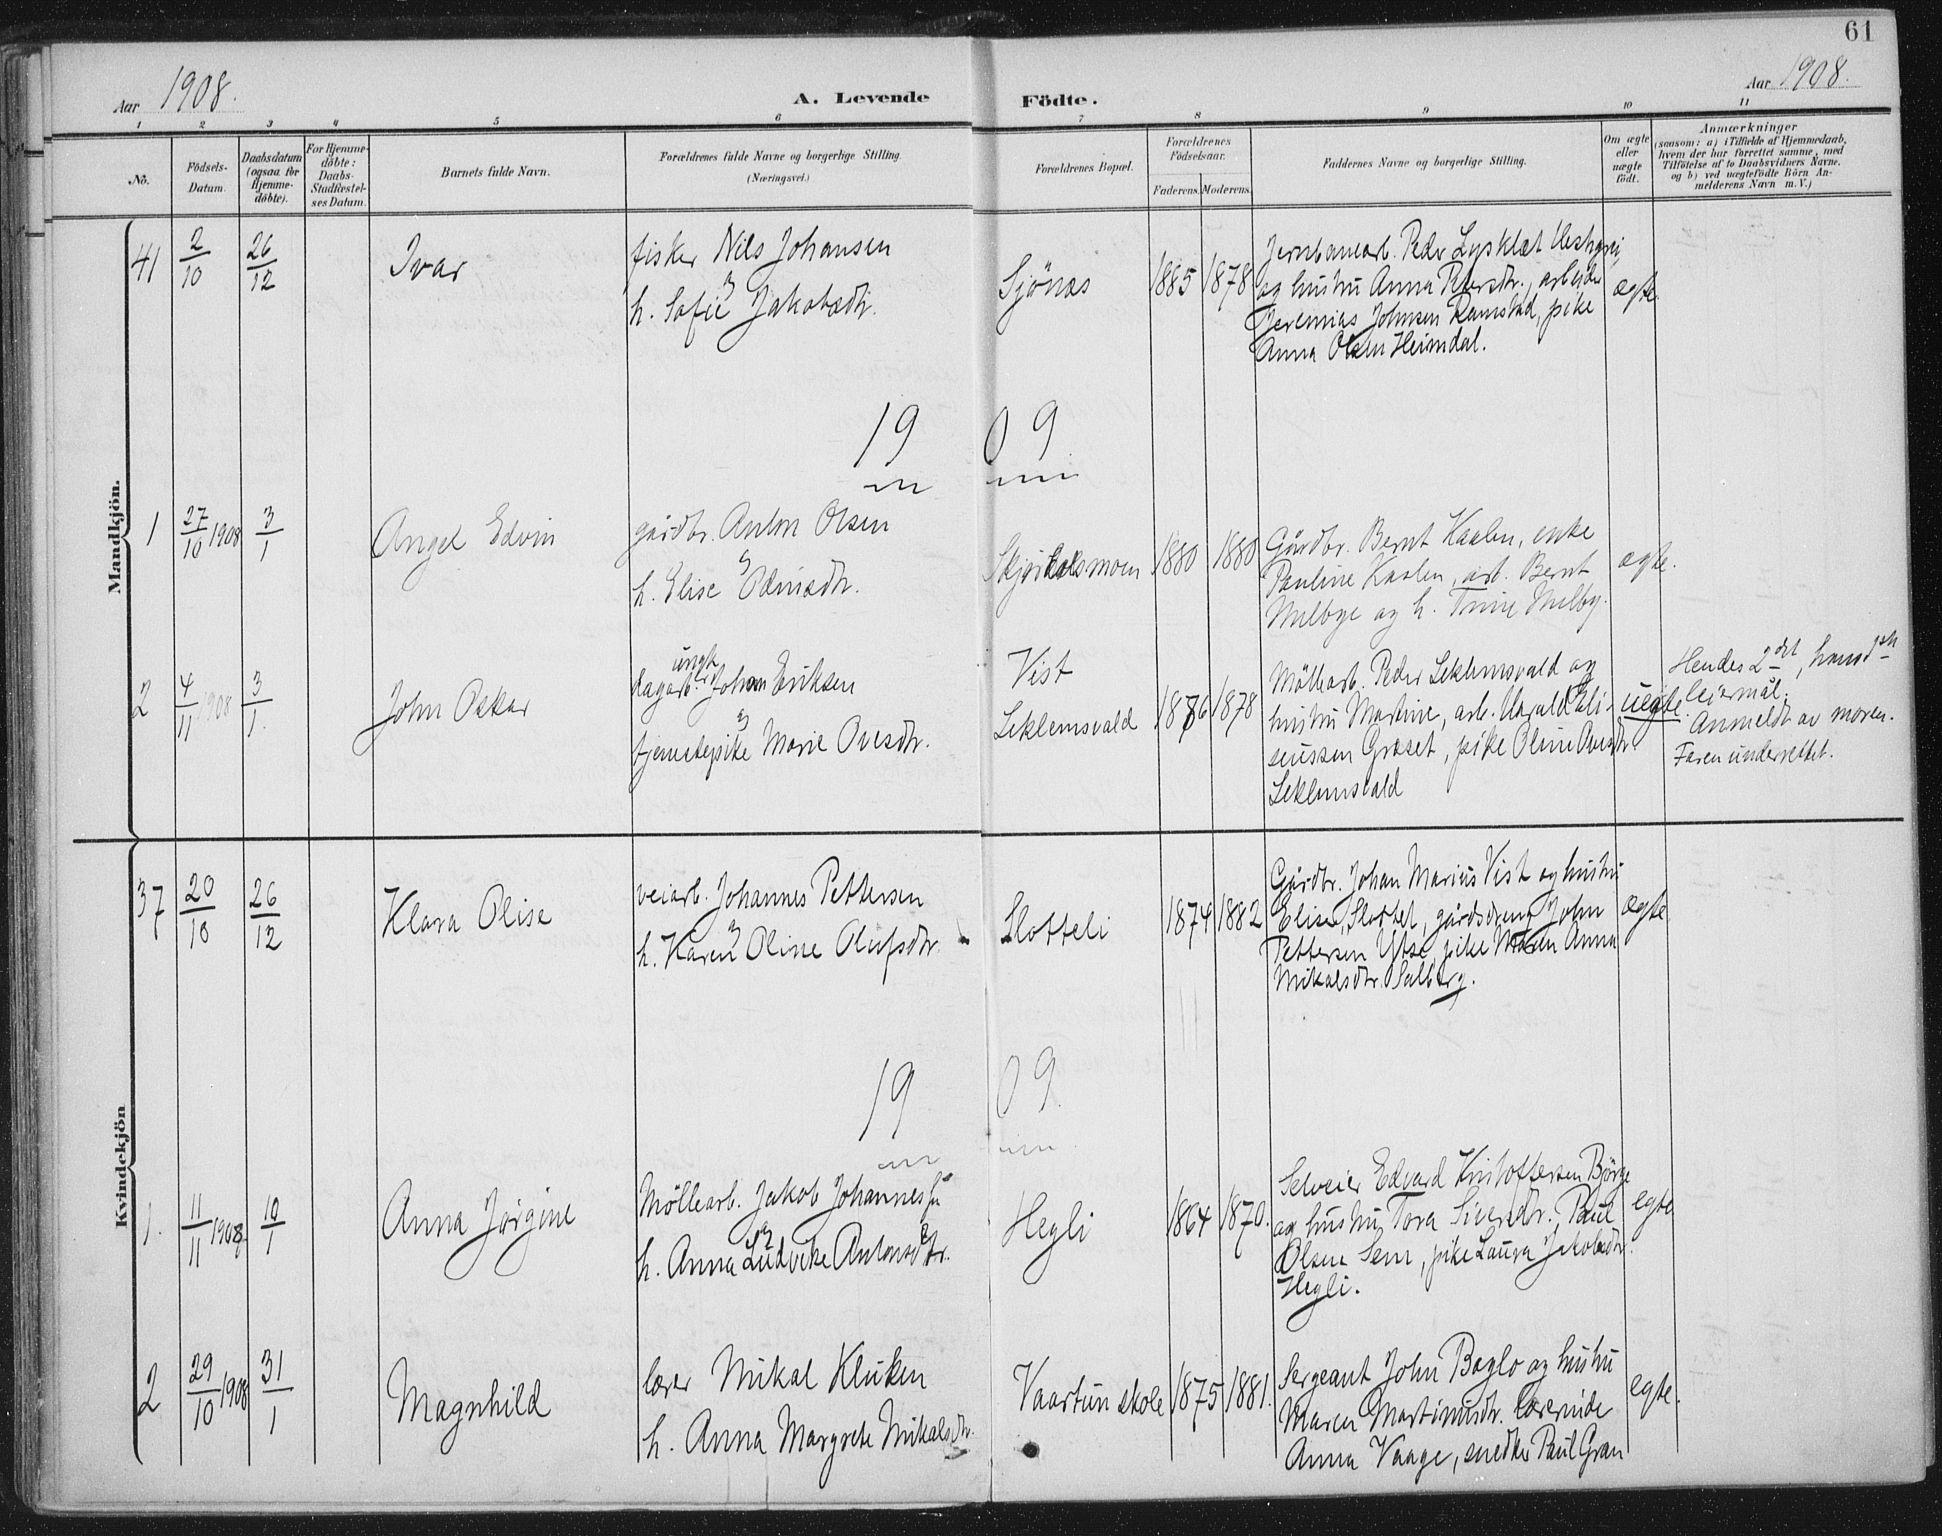 SAT, Ministerialprotokoller, klokkerbøker og fødselsregistre - Nord-Trøndelag, 723/L0246: Ministerialbok nr. 723A15, 1900-1917, s. 61